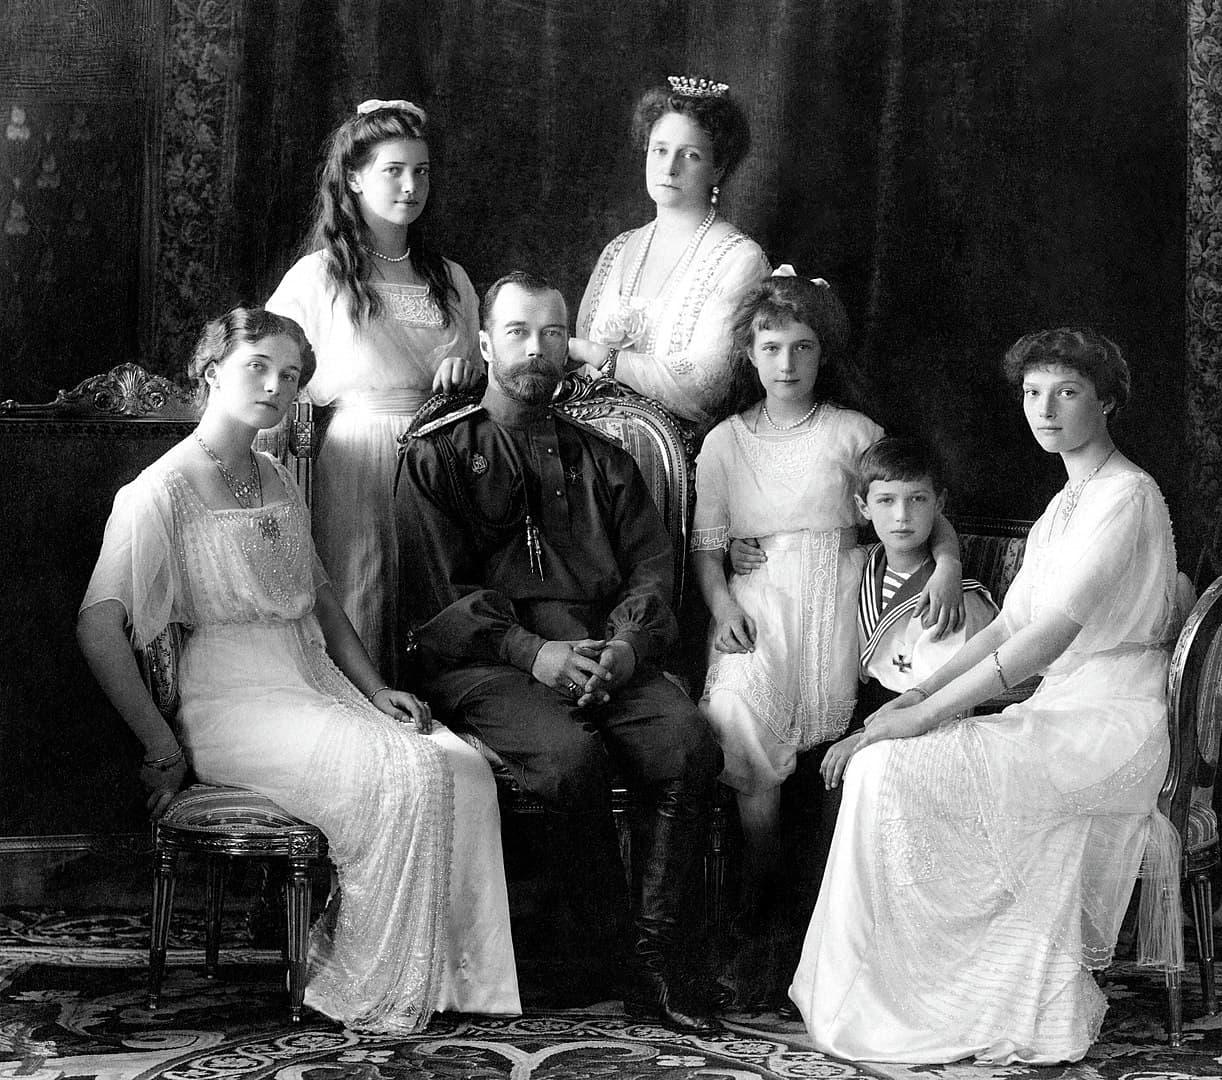 משפחה, רומנוב